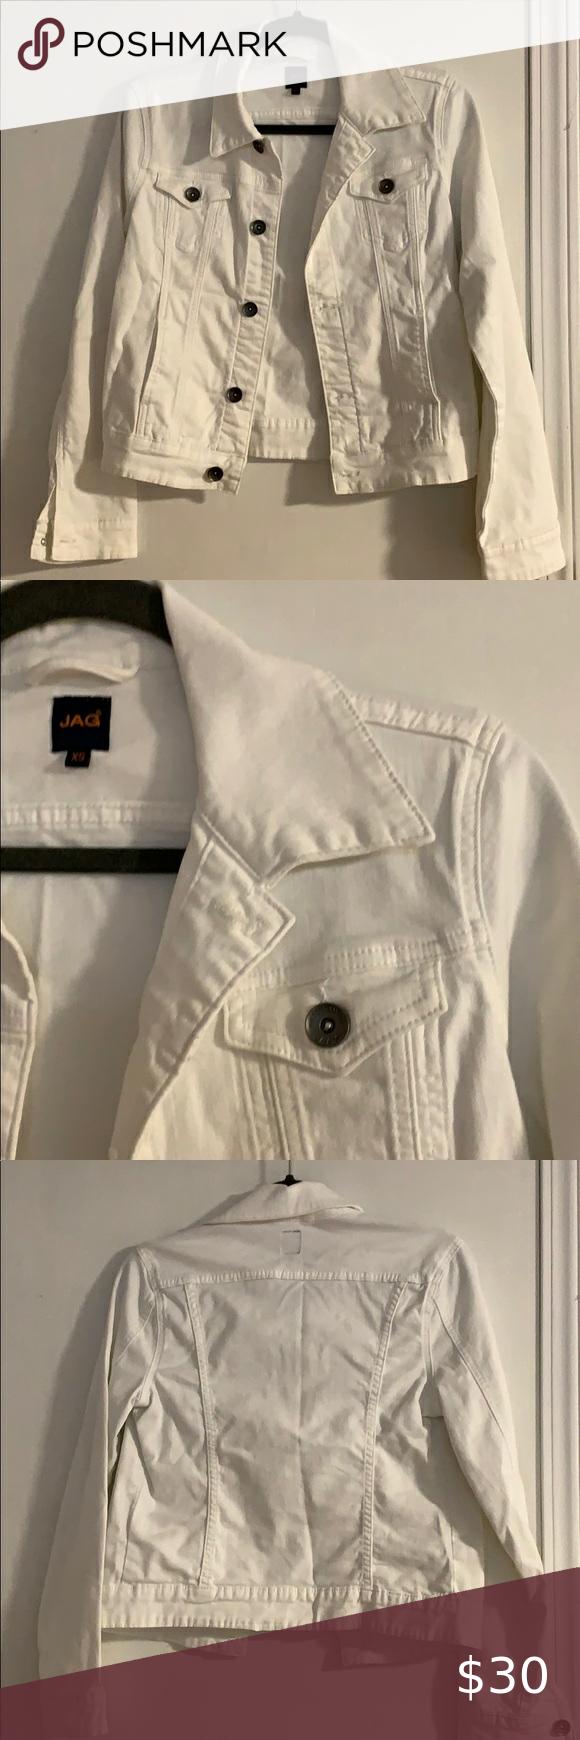 White Denim Jacket White Denim Jacket White Denim Jackets [ 1740 x 580 Pixel ]